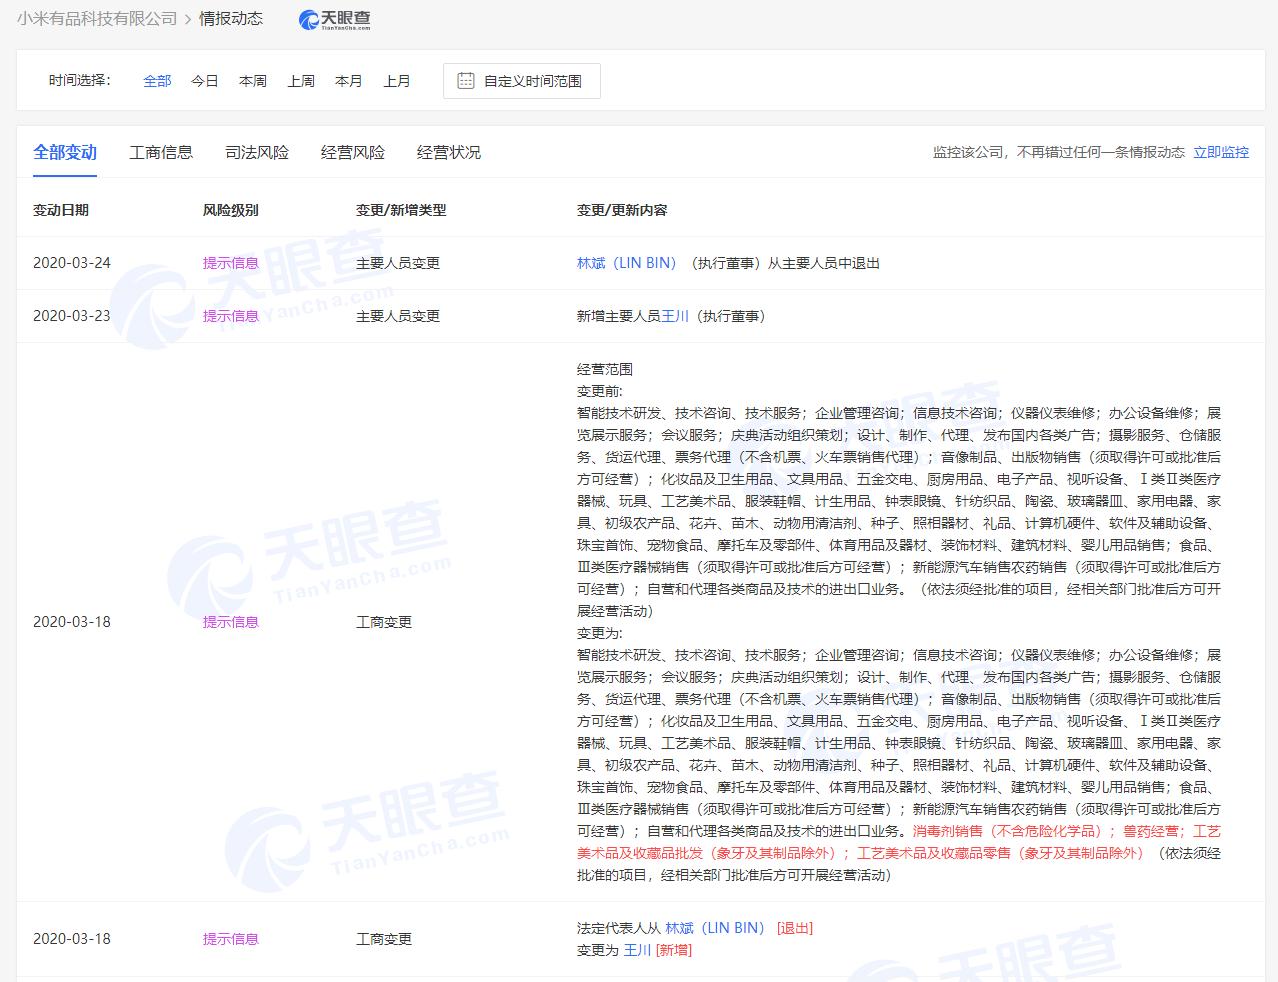 小米有品发生工商变更:林斌卸任法定代表人 王川接任